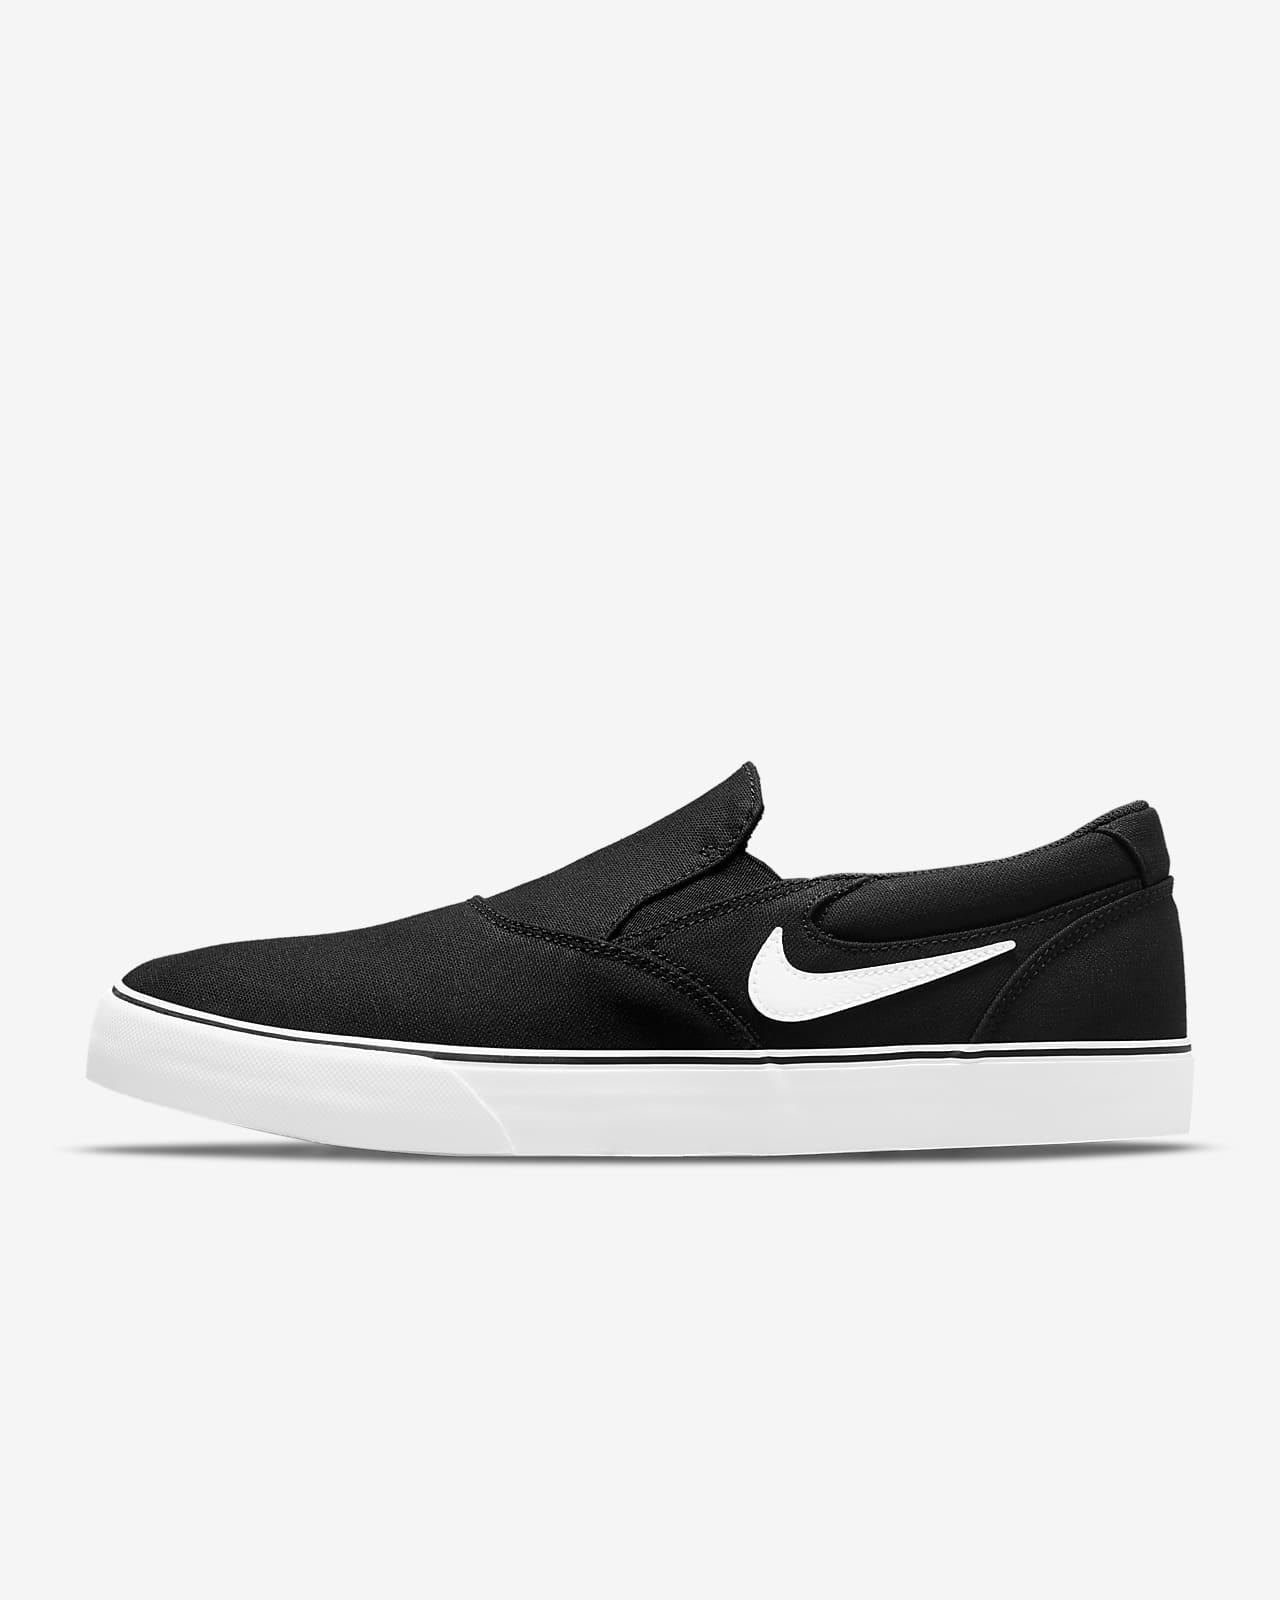 รองเท้าสเก็ตบอร์ด Nike SB Chron 2 Slip